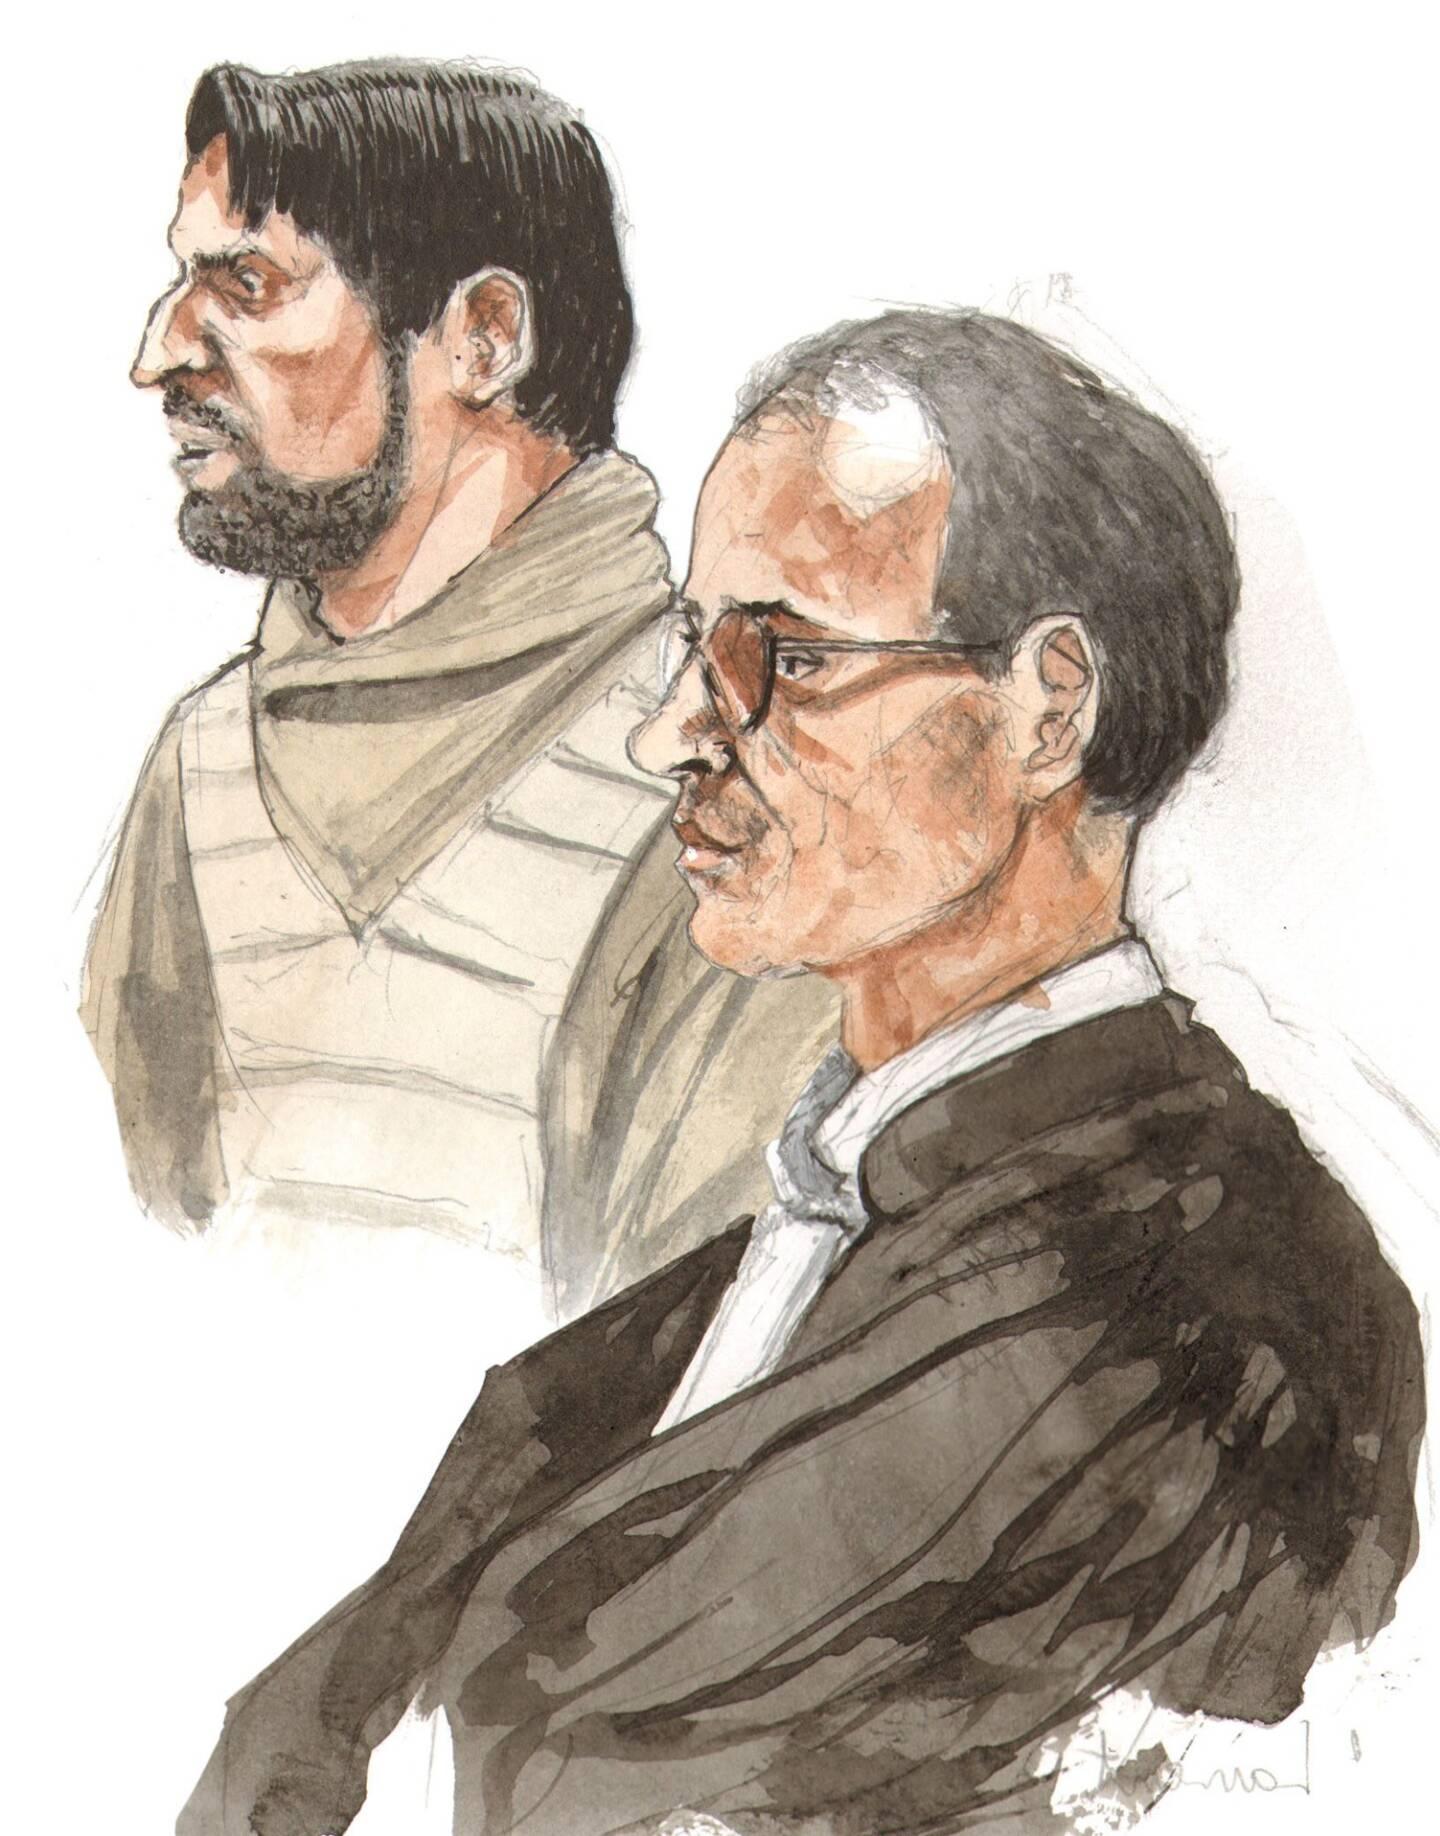 Dans sa vie, Christ Dhyser (ici derrière son avocat Me Beaugrand) aura eu deux liaisons amoureuses sérieuses. Les deux fois, elles ont connu leur conclusion devant la cour d'assises du Var...